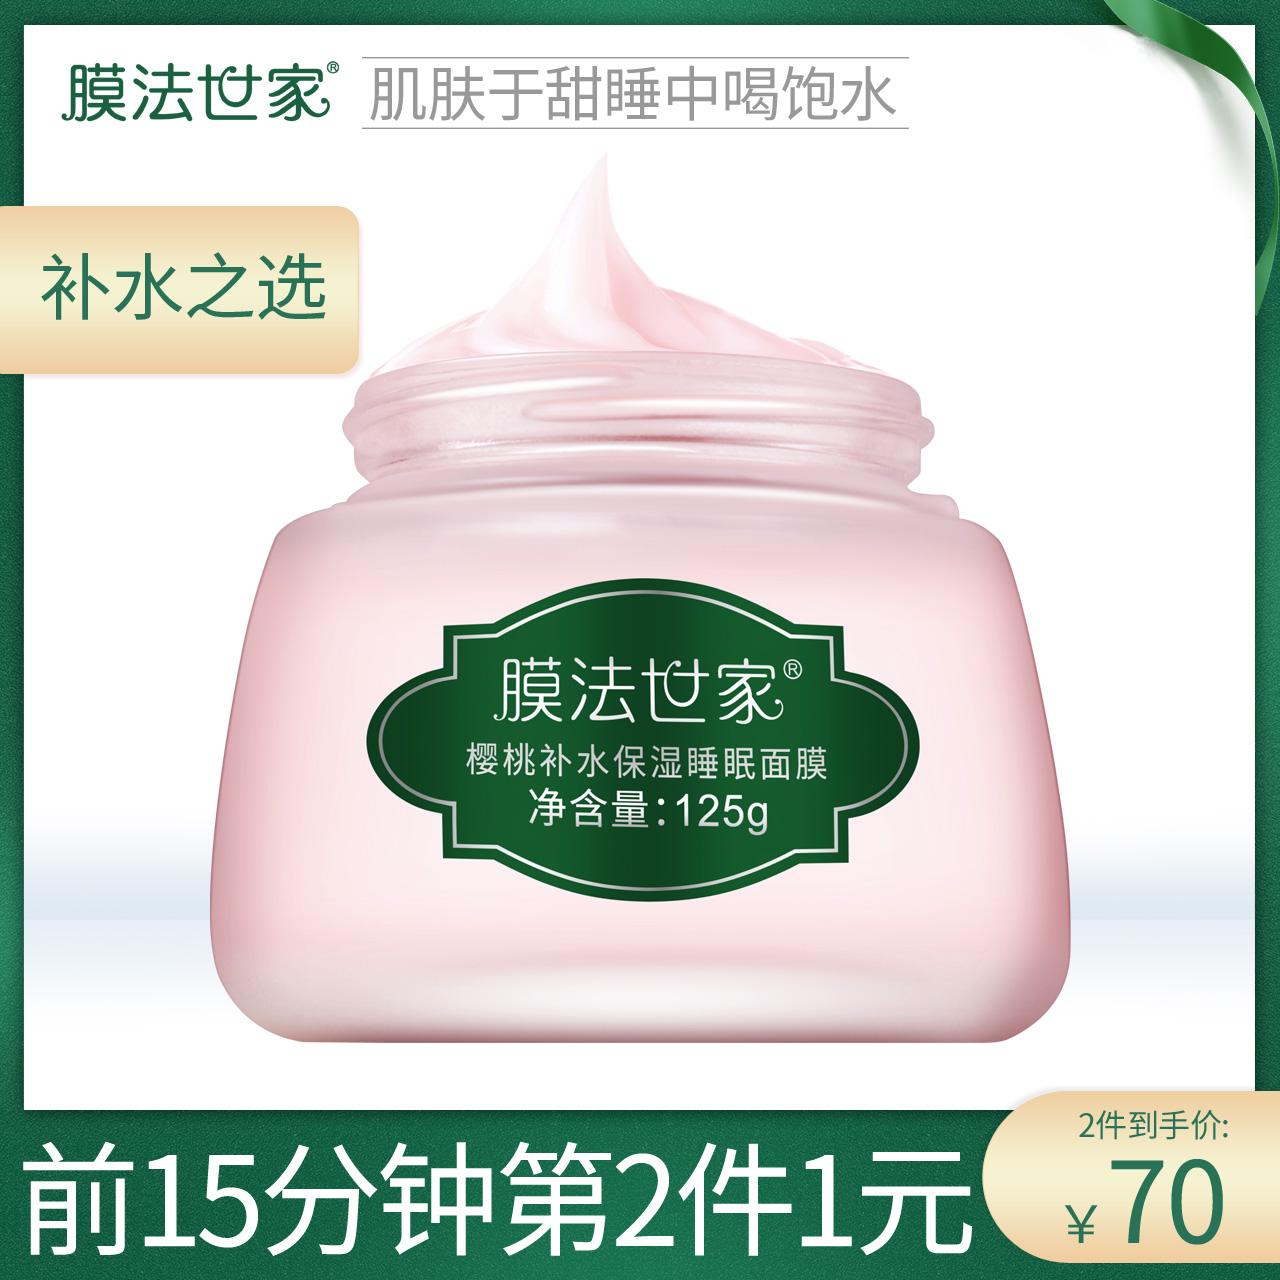 膜法世家樱桃睡眠面膜补水保湿提亮肤色免洗面膜女125g化妆品正品